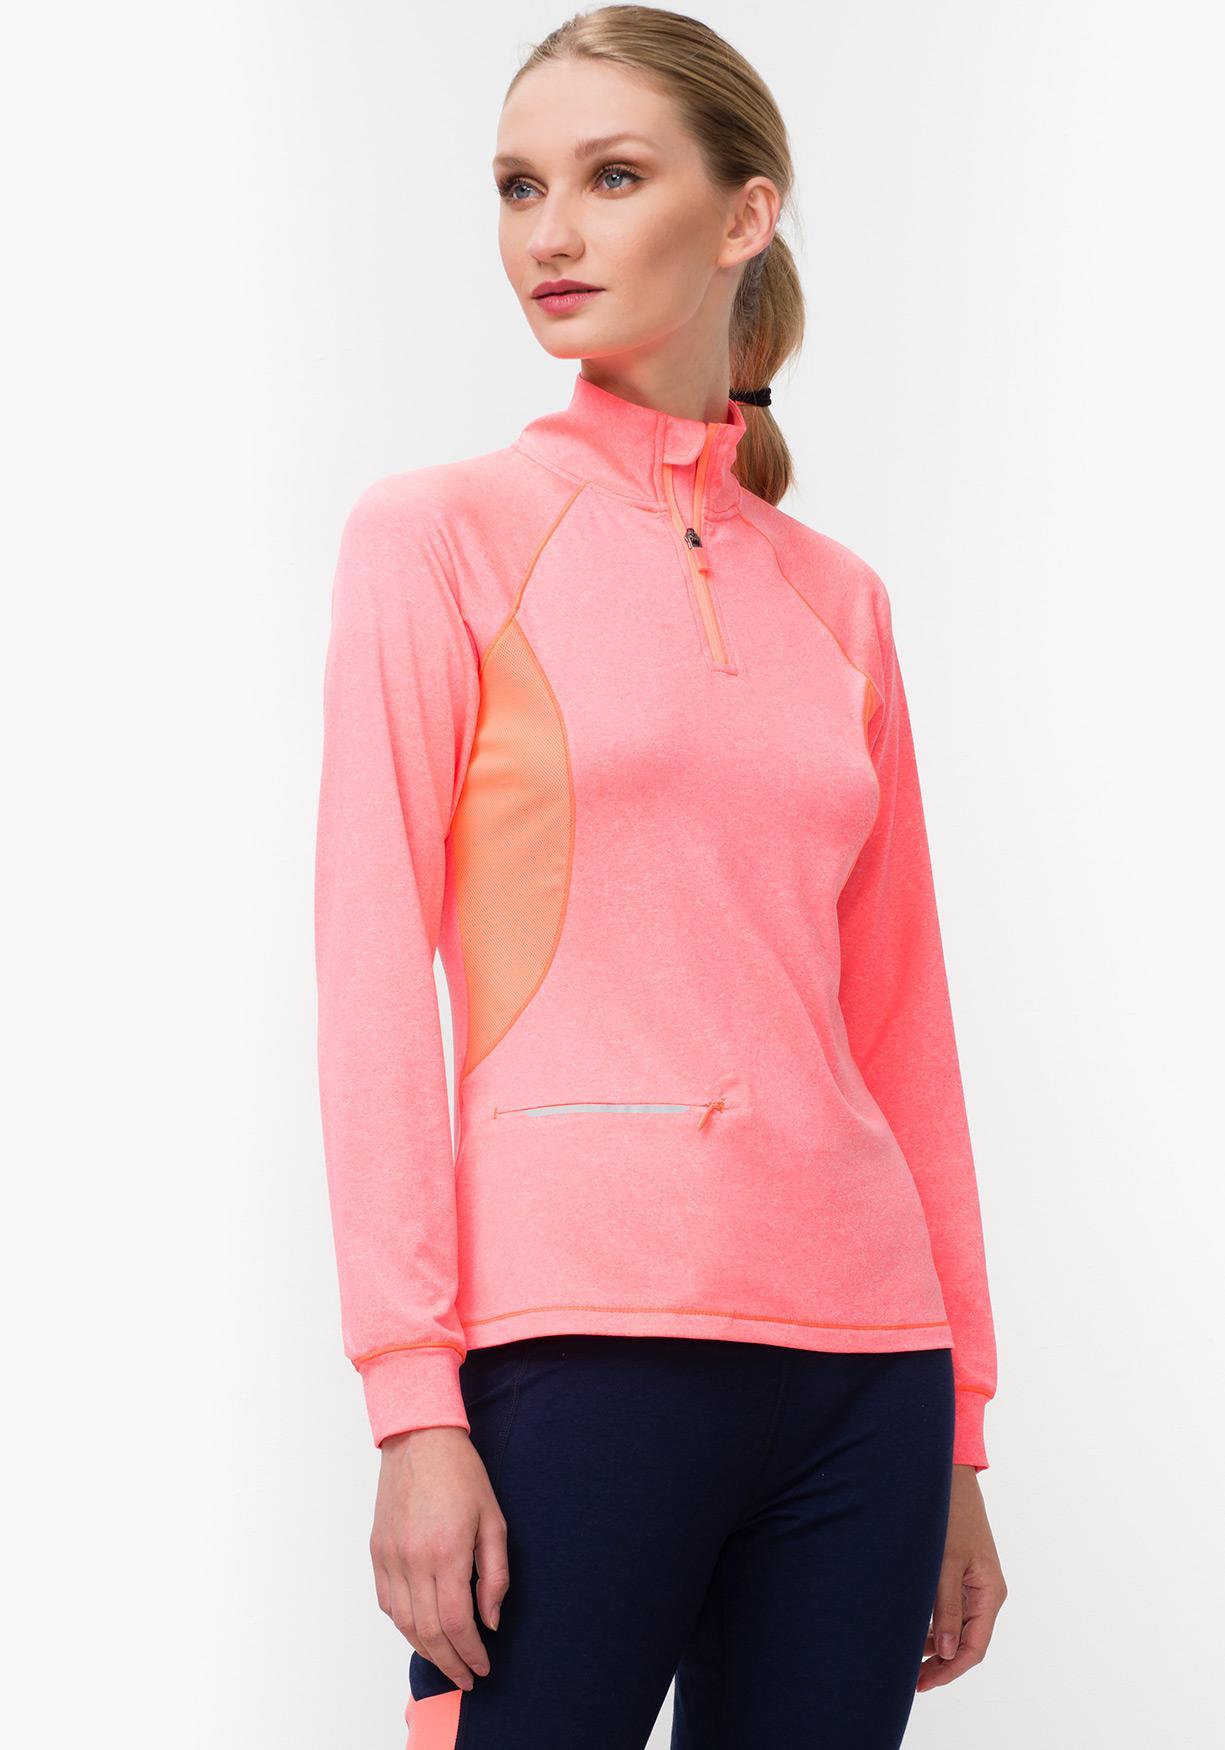 la mejor moda estilo único último Tex Ofertas Moda En Ropa Tu Online Tienda De Carrefour q8awq